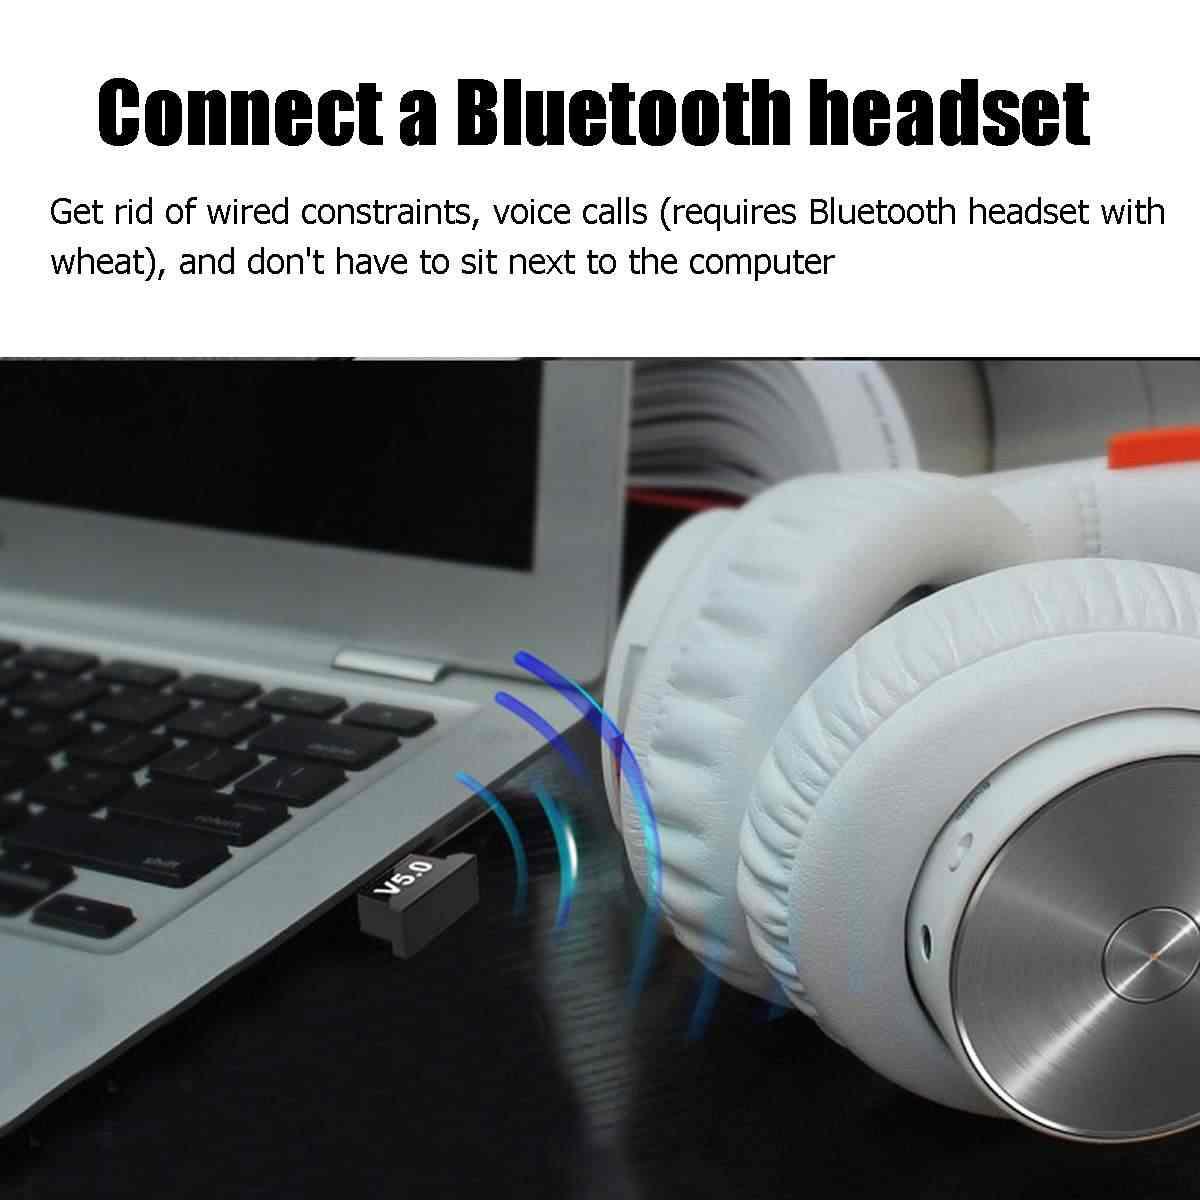 Adaptateur USB bluetooth 5.0 pour fenêtre 7/8/10 pour Vista XP pour Mac OS X PC clavier souris Gamepads haut-parleurs